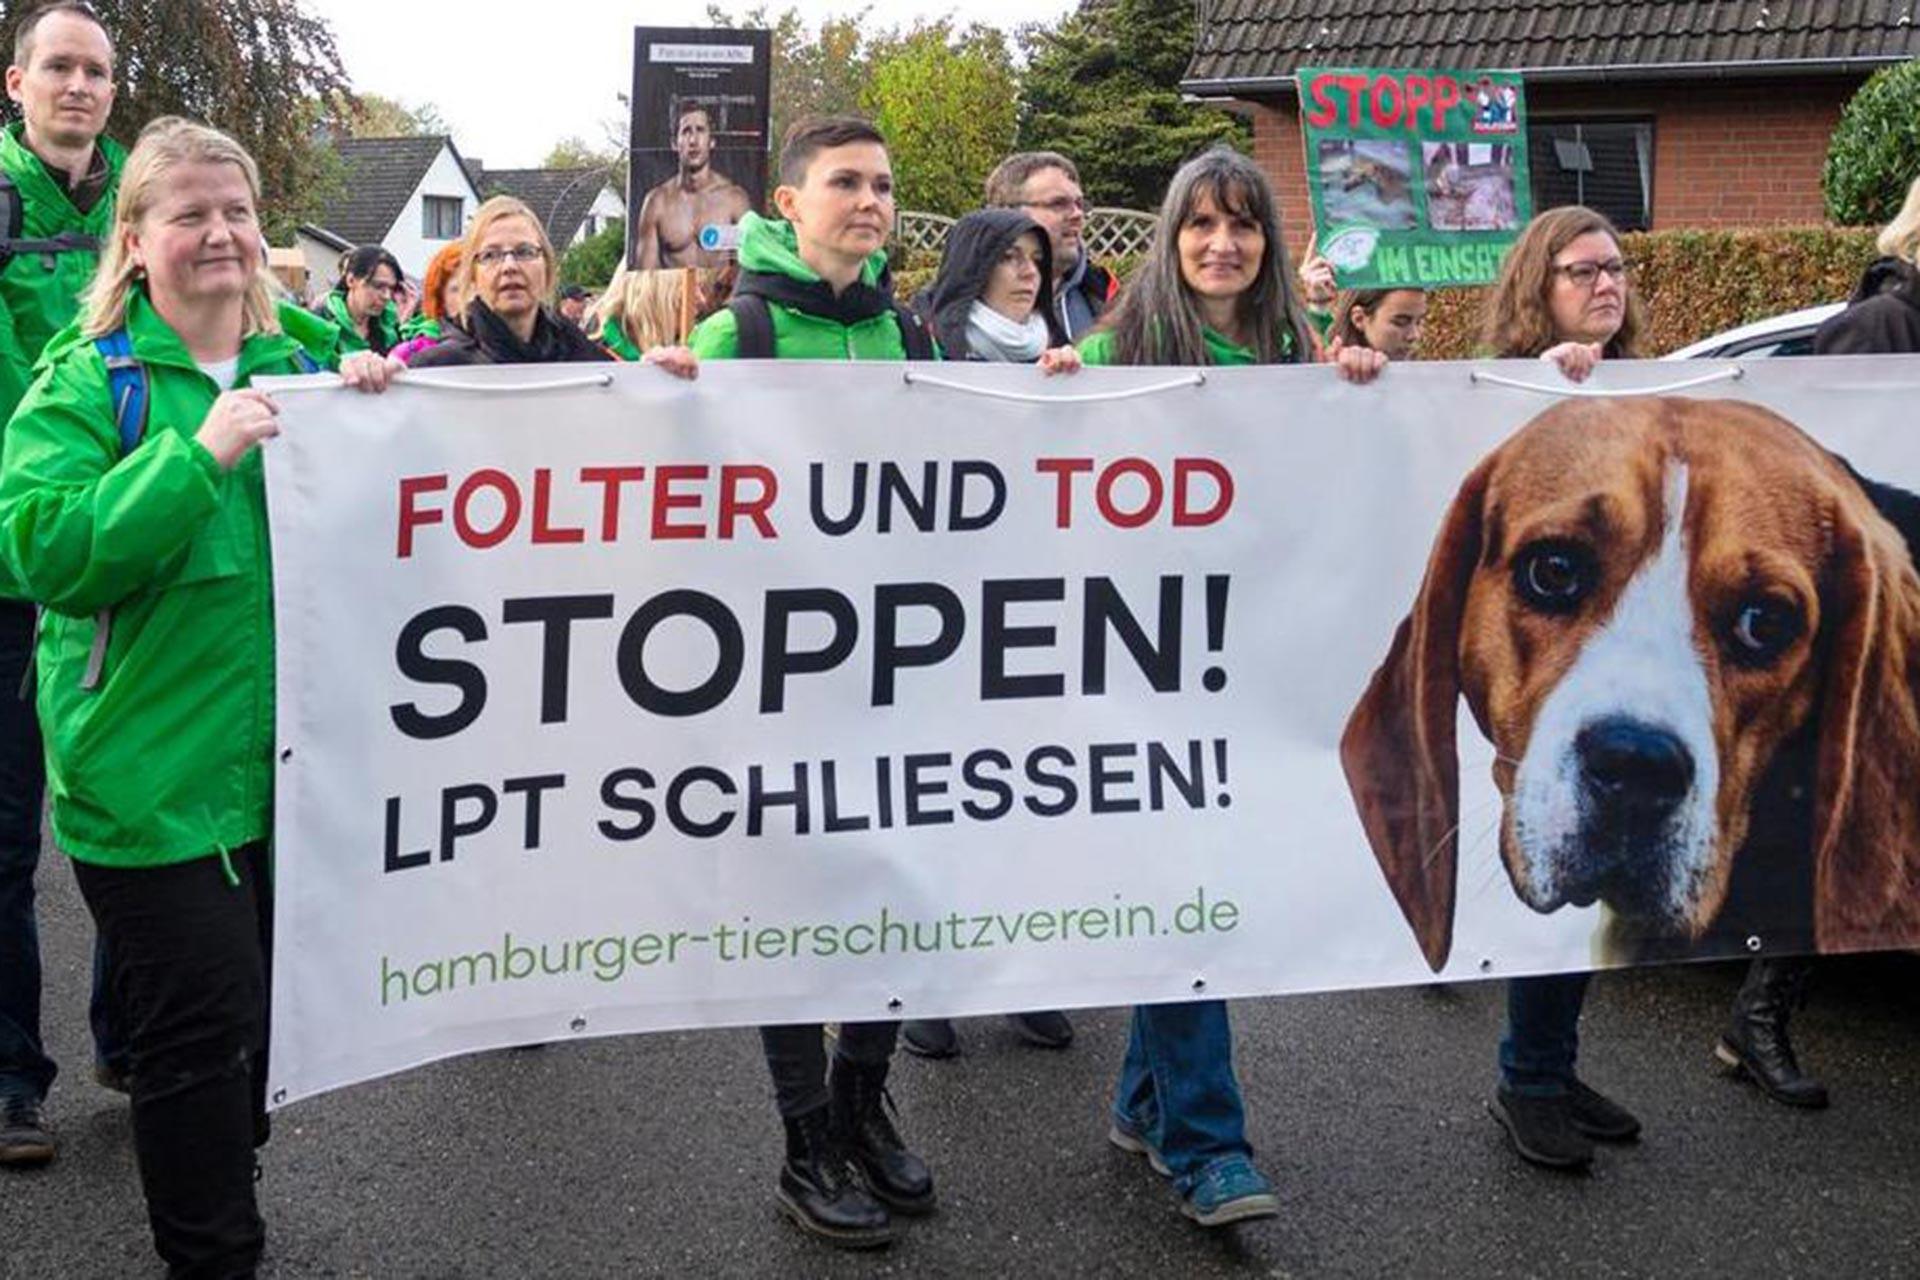 Hamburg'daki hayvan hakları mitingine katılanlar, ellerinde 'İşkence ve ölümleri durdur, LPT kapatılsın' yazılı pankartla yürürken